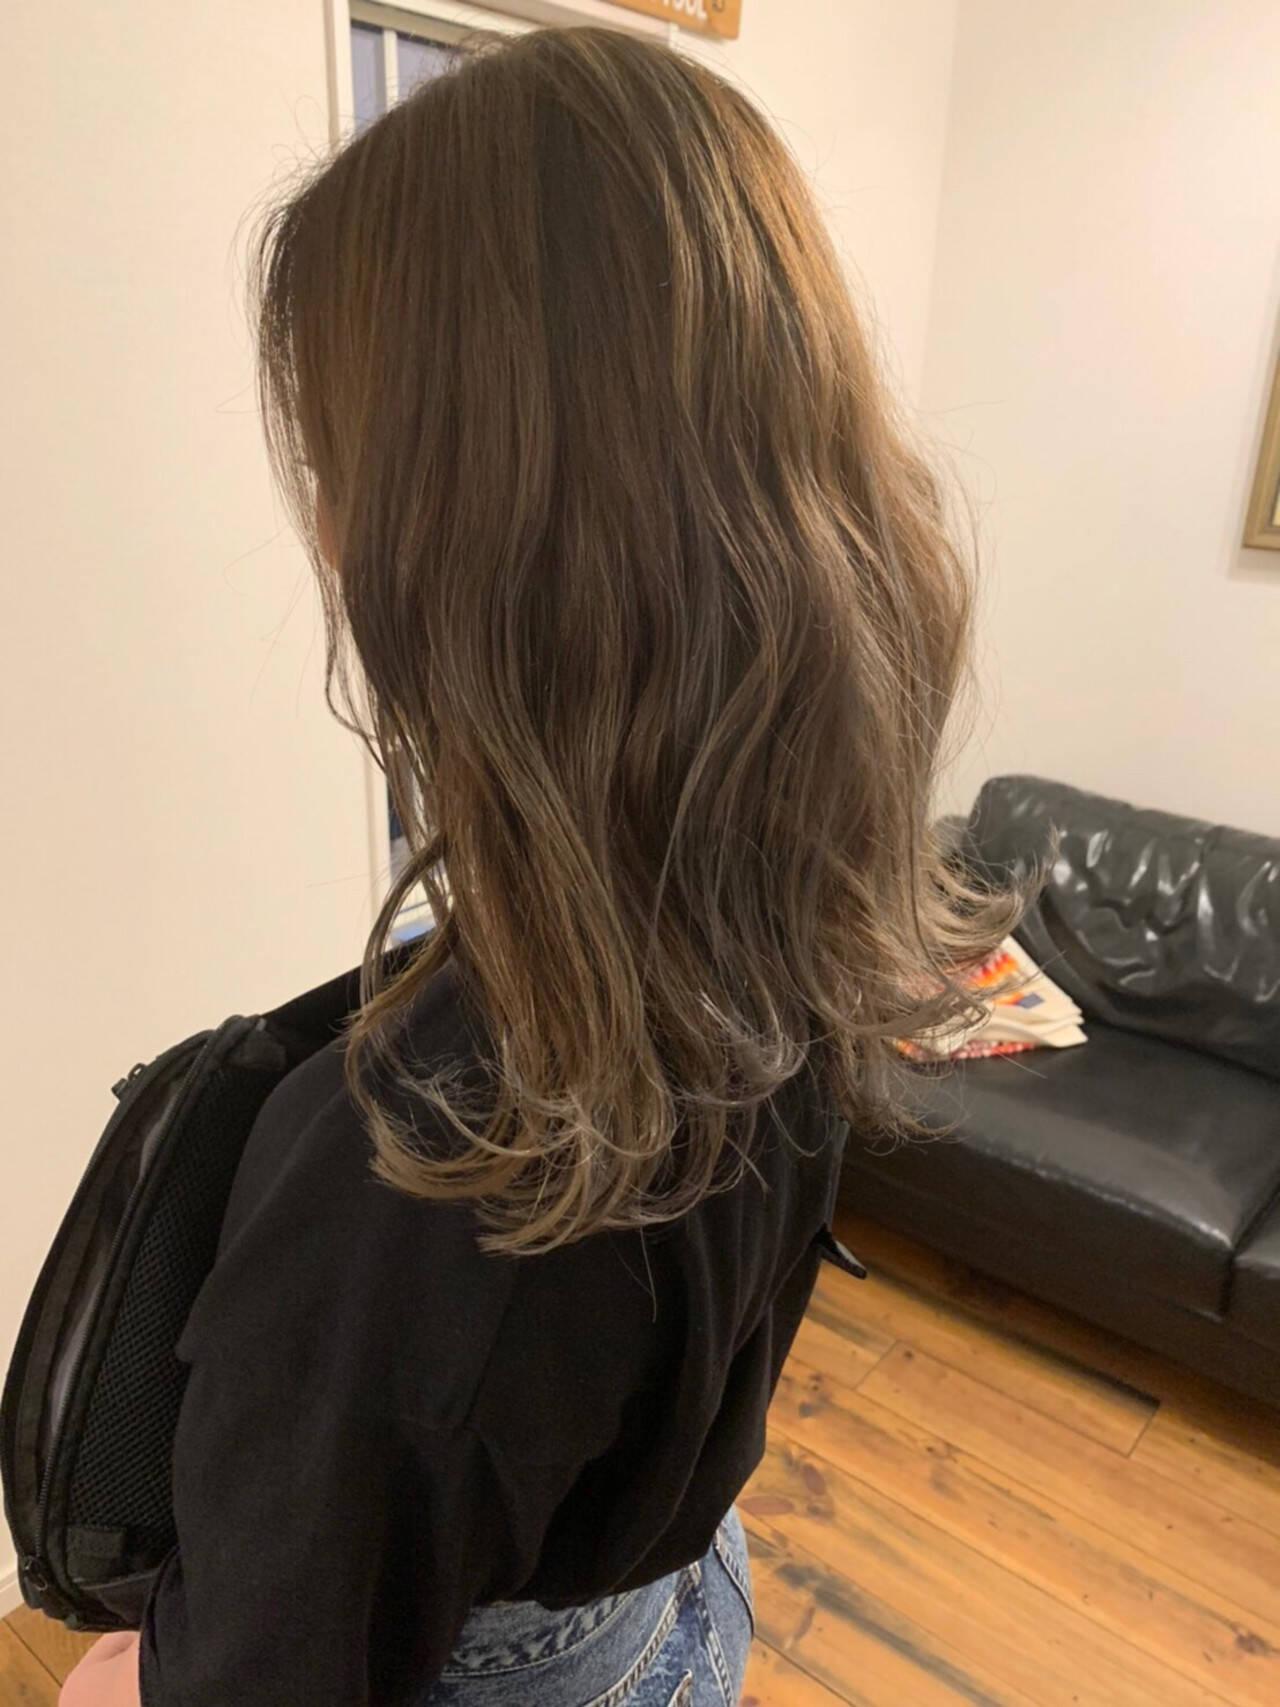 ナチュラル ロング ベージュ ハイライトヘアスタイルや髪型の写真・画像